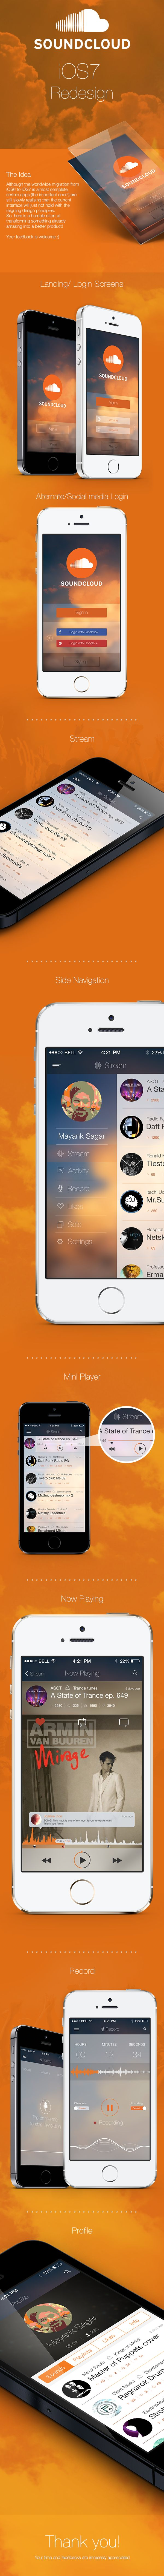 Soundcloud app iOS7 redesign by Mayank Sagar, via Behance